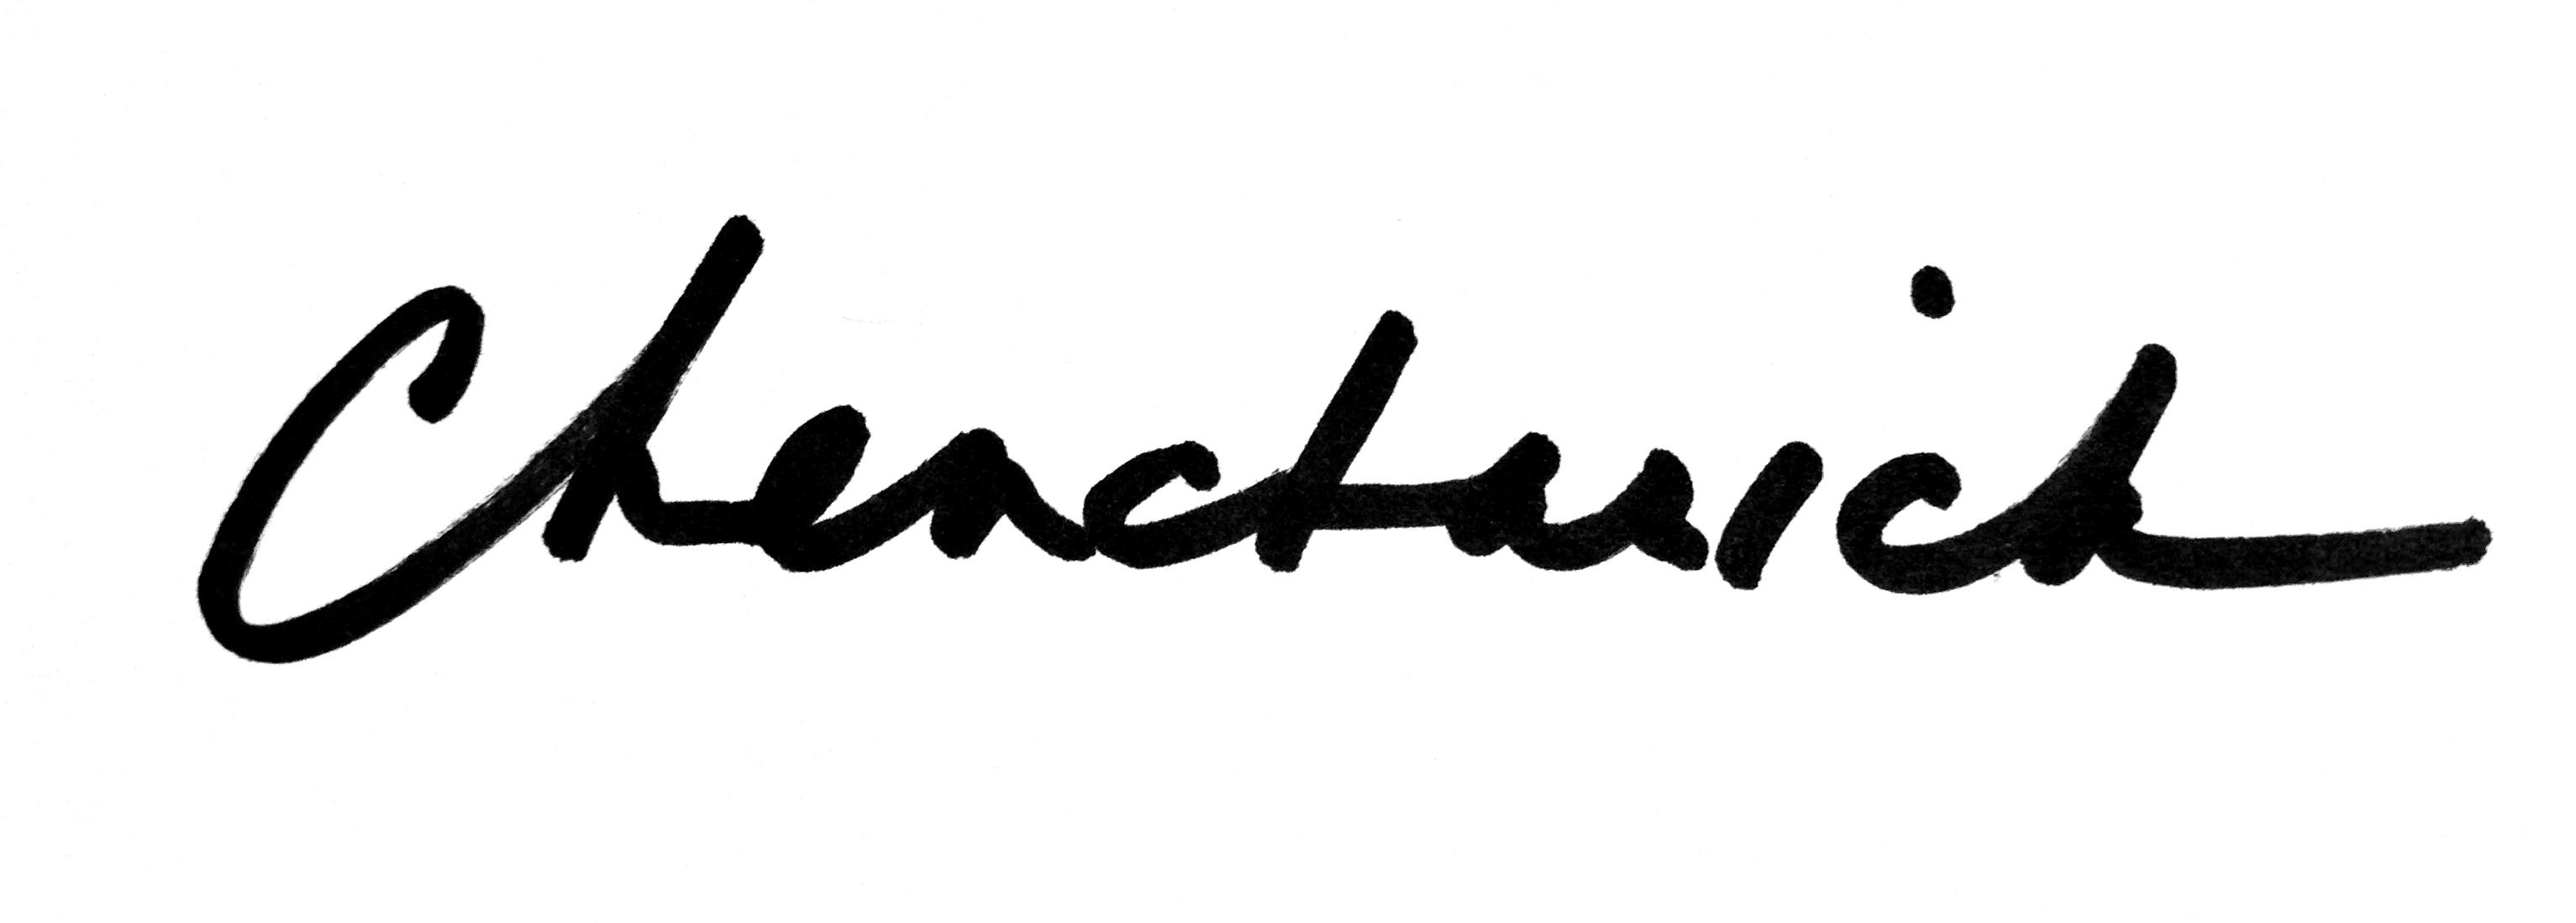 Diane Chencharick's Signature